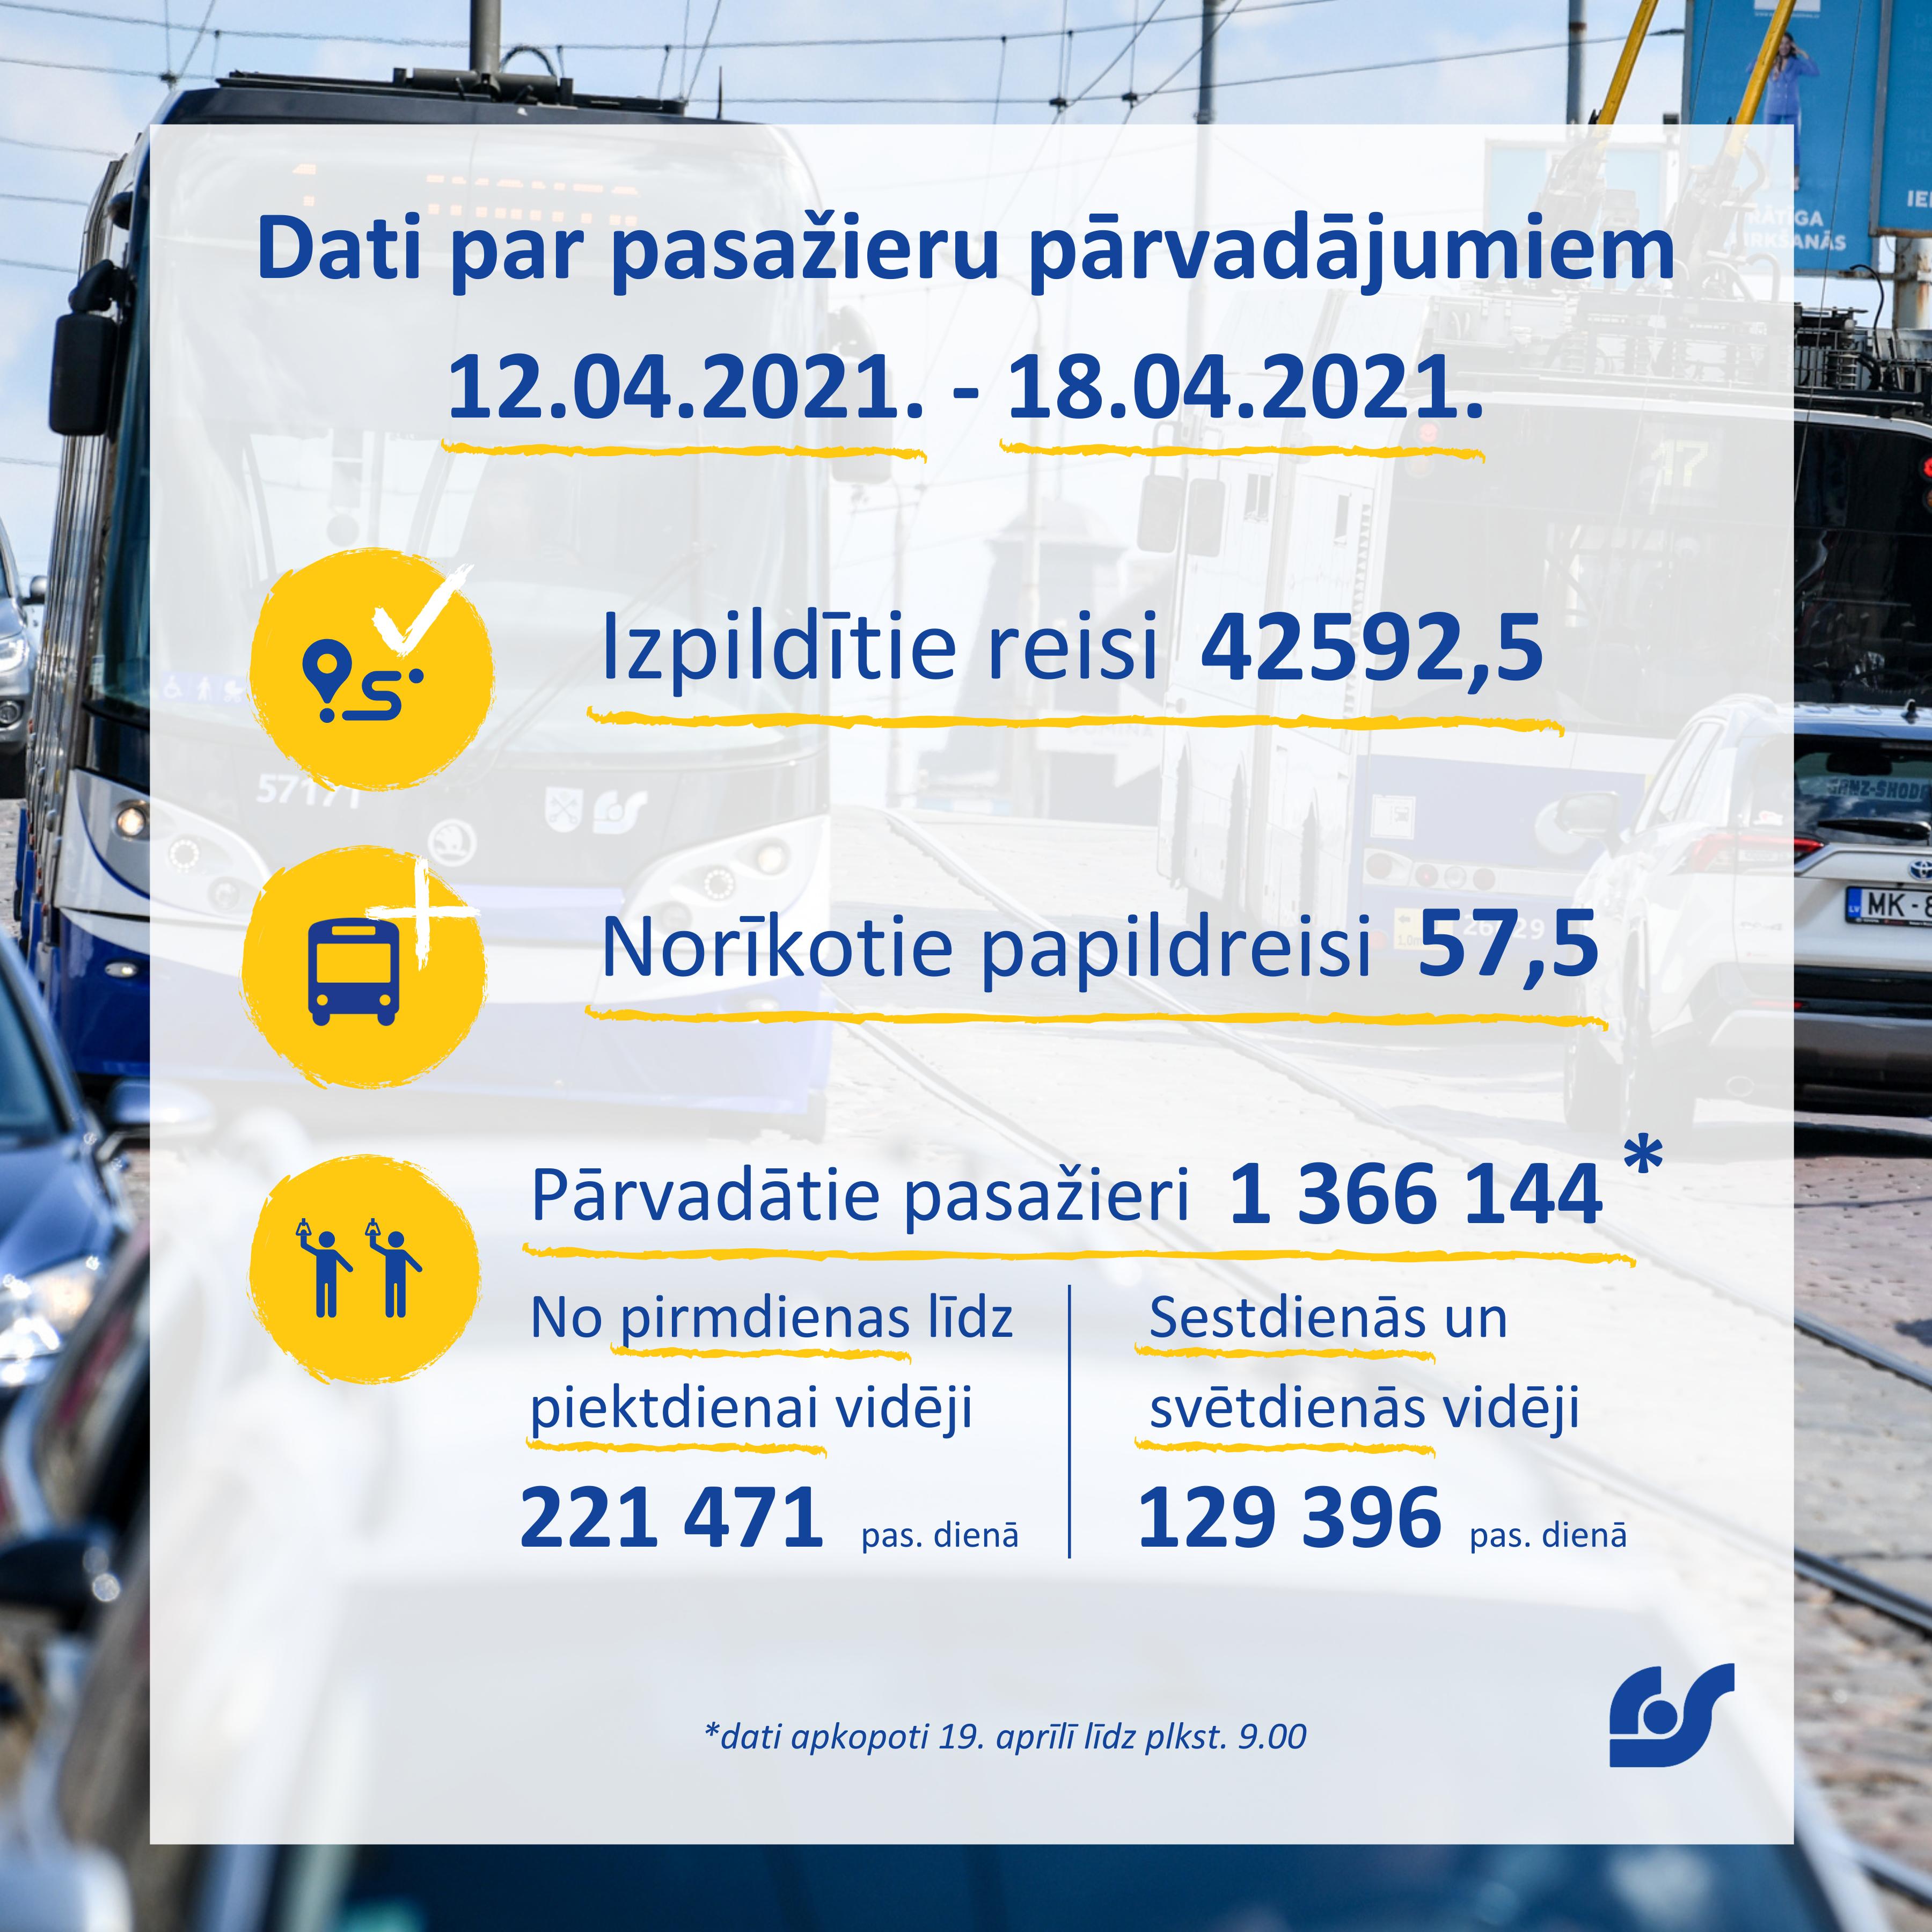 Dati par pasažieru pārvadājumiem 12.04. līdz 18.04..png